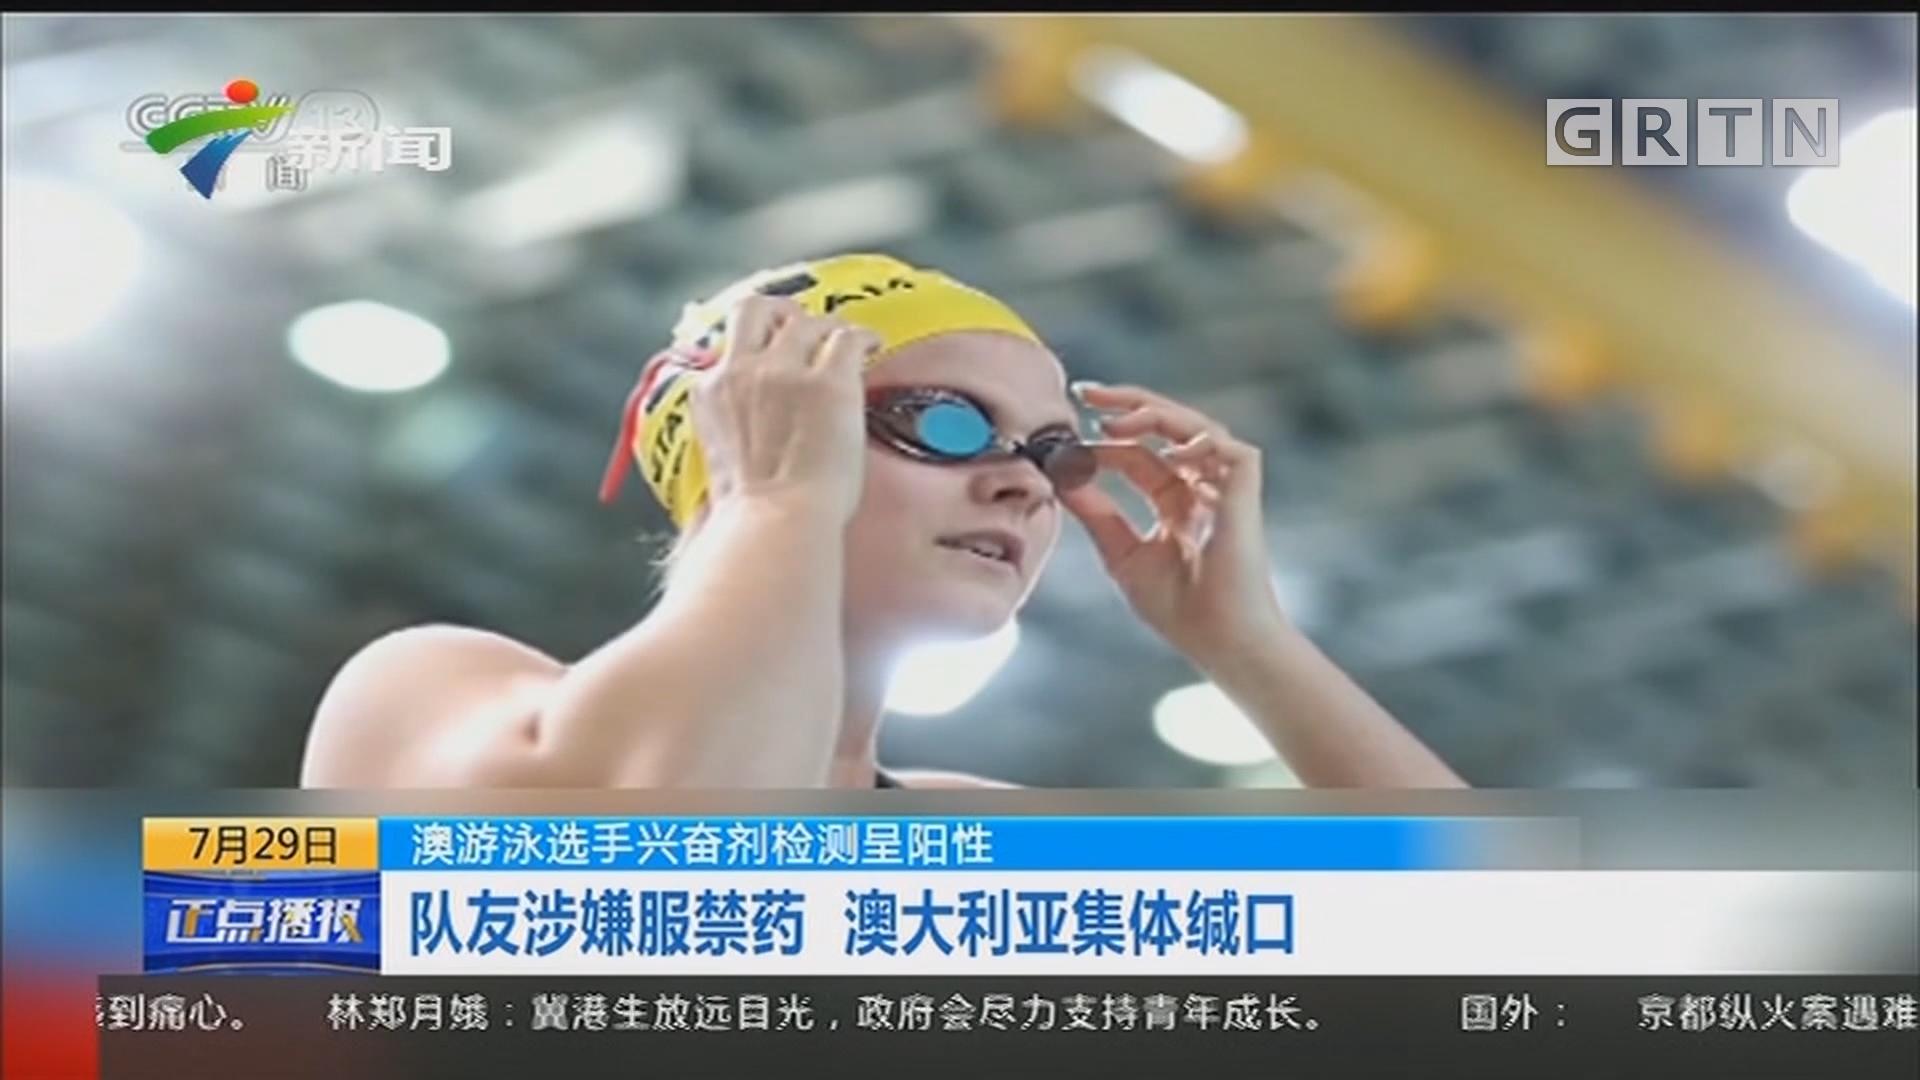 澳游泳选手兴奋剂检测呈阳性:队友涉嫌服禁药 澳大利亚集体缄口